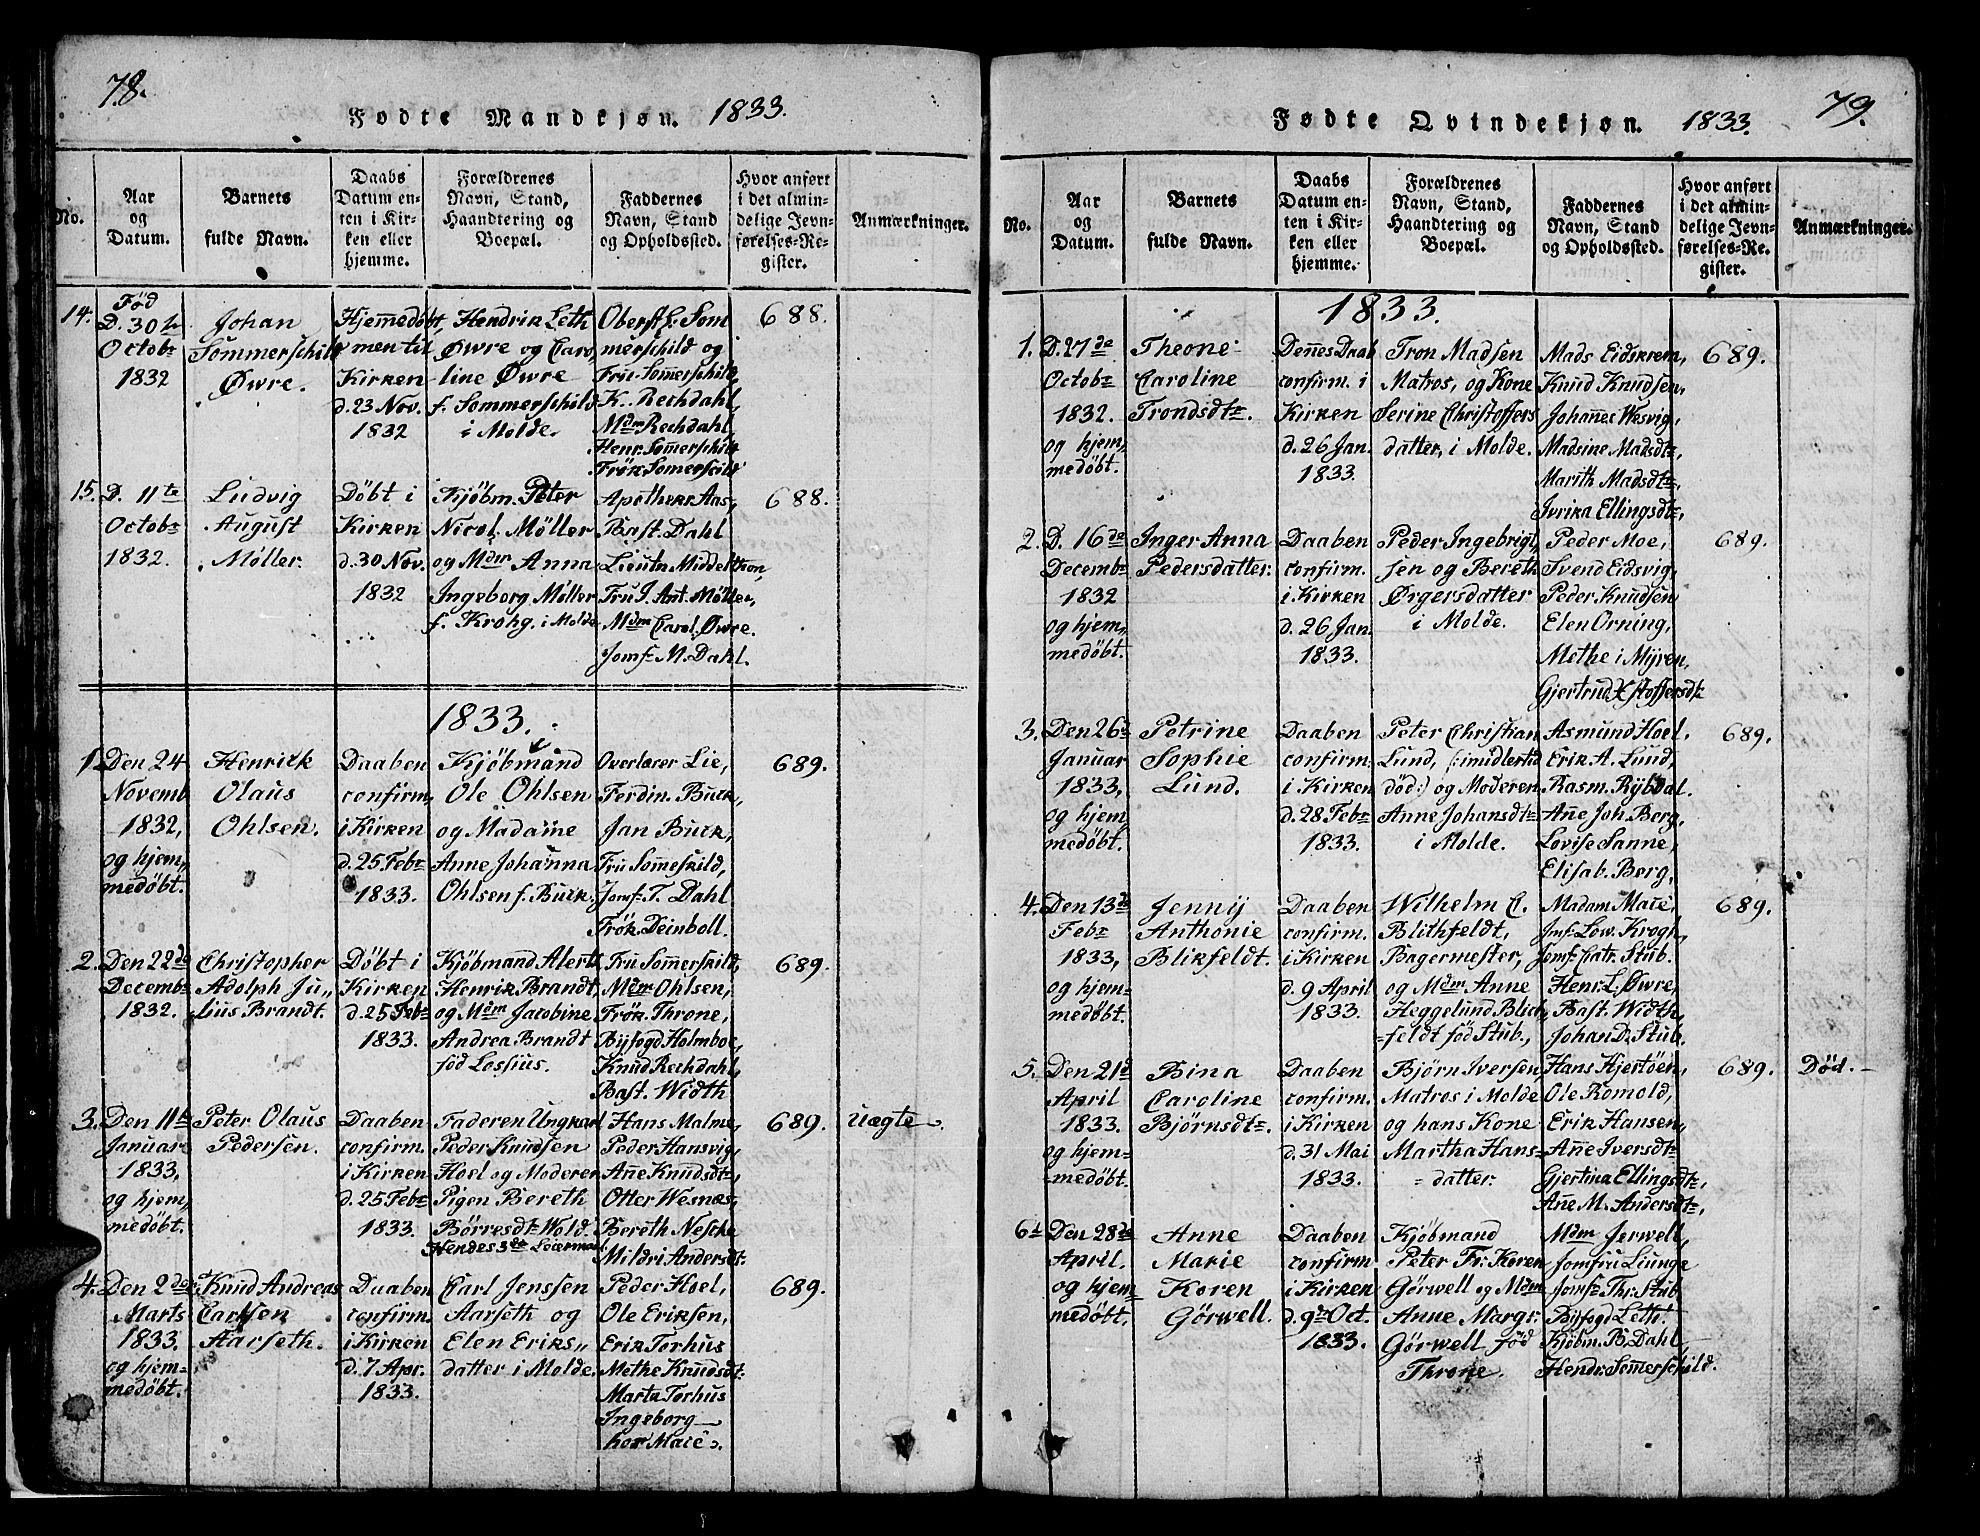 SAT, Ministerialprotokoller, klokkerbøker og fødselsregistre - Møre og Romsdal, 558/L0700: Klokkerbok nr. 558C01, 1818-1868, s. 78-79